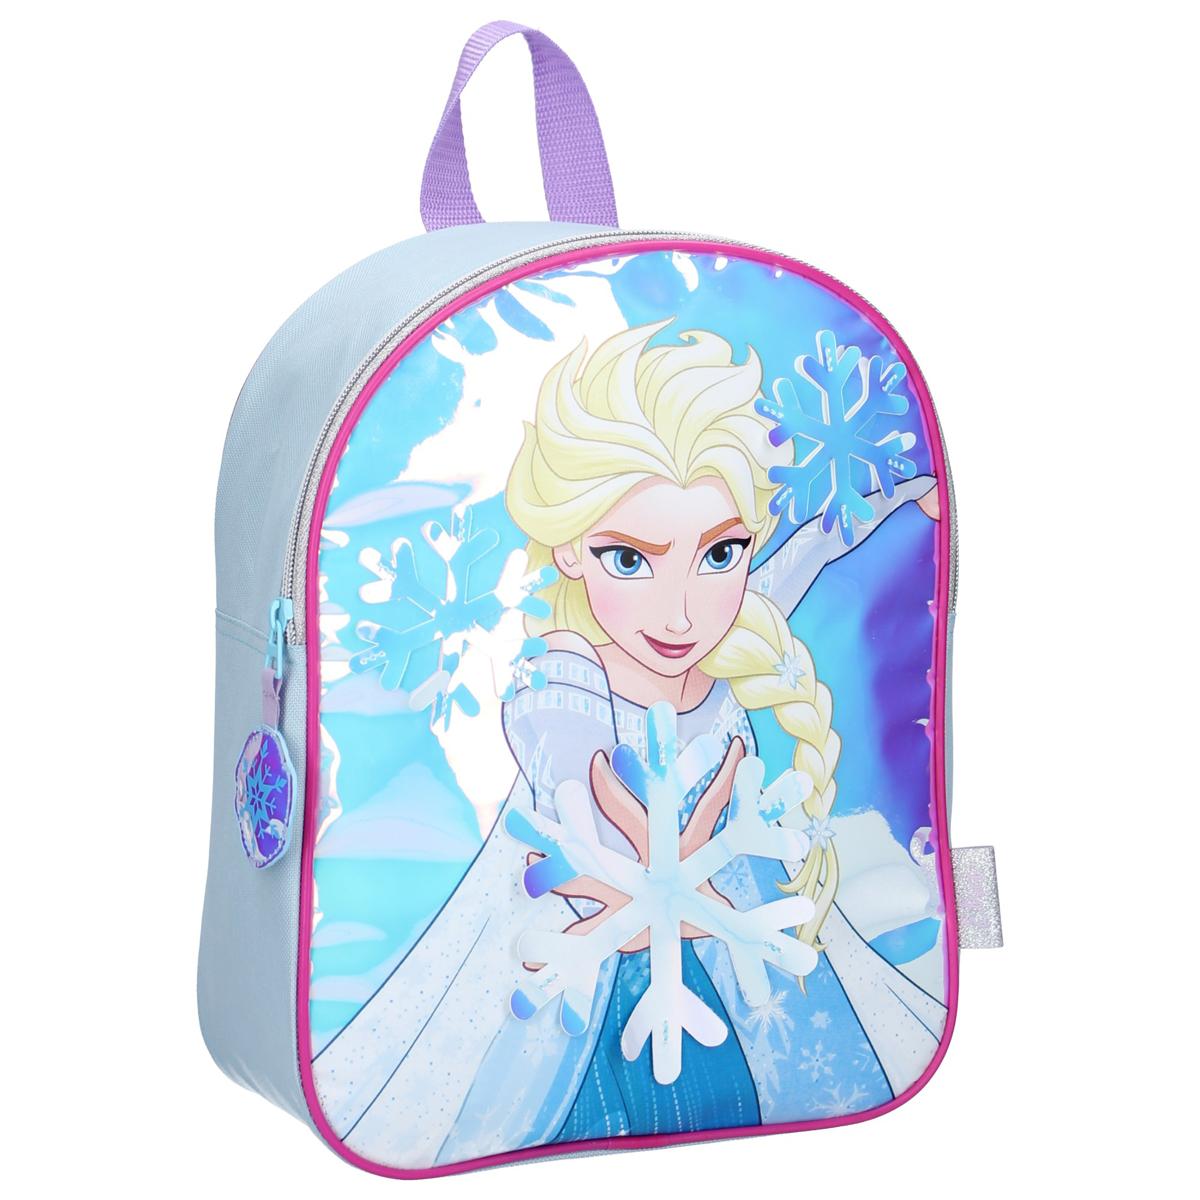 Sac à dos \'Frozen - Reine des Neiges\' bleu - 32x26x11 cm - [A0053]